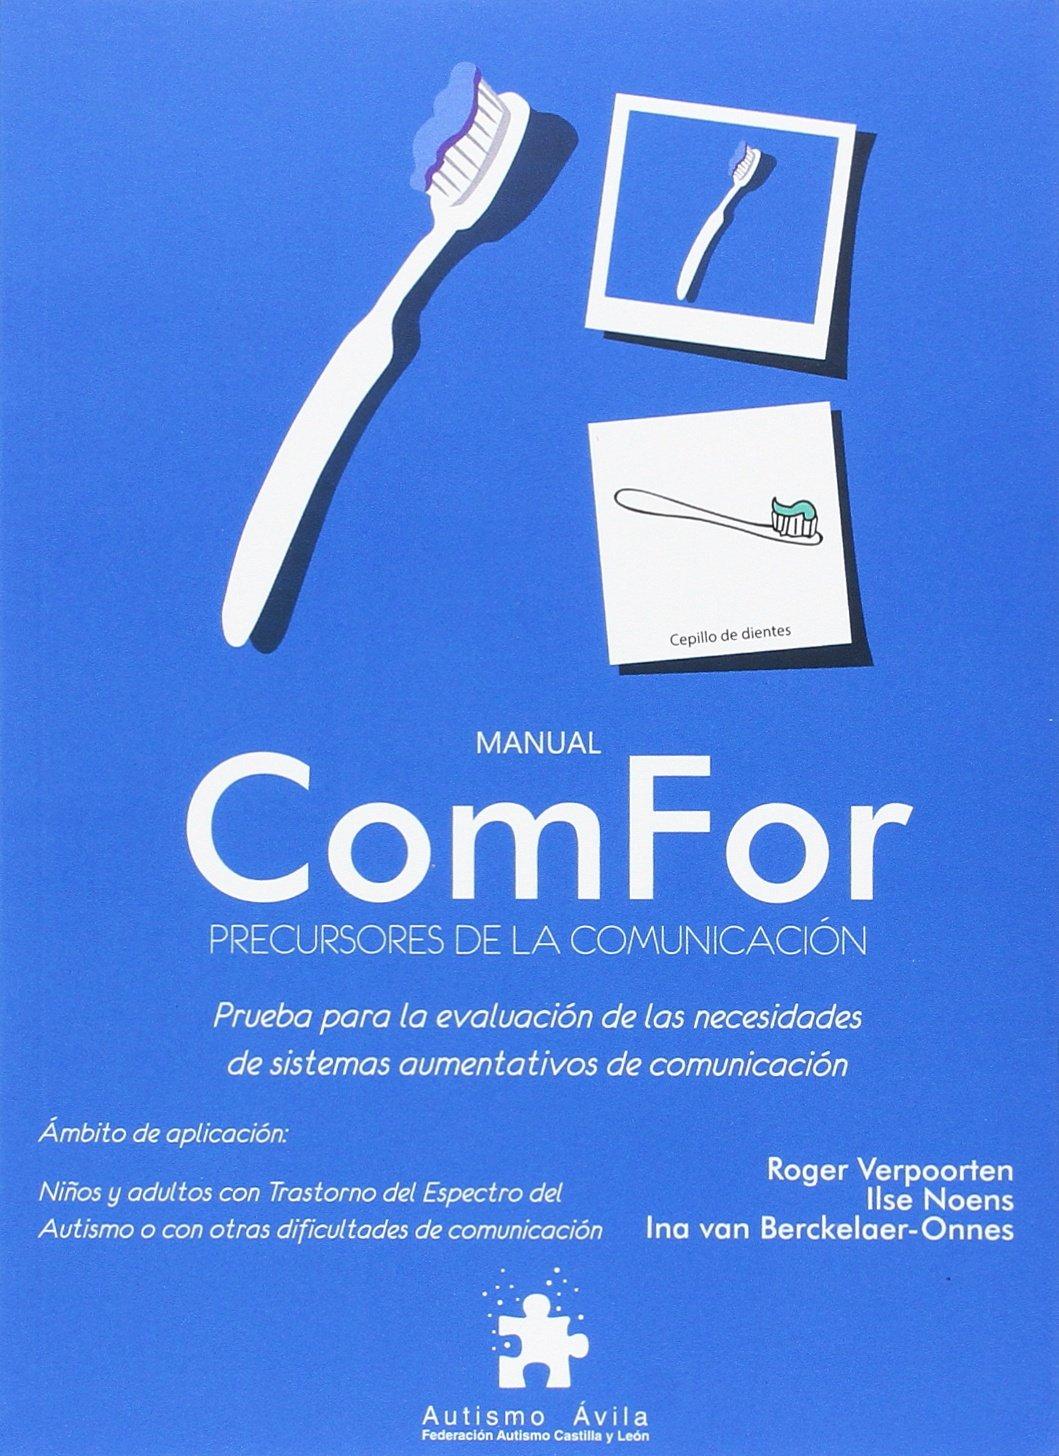 Manual Comfor. Precursores de la comunicacion: Amazon.es: Roge Verpoorten: Libros